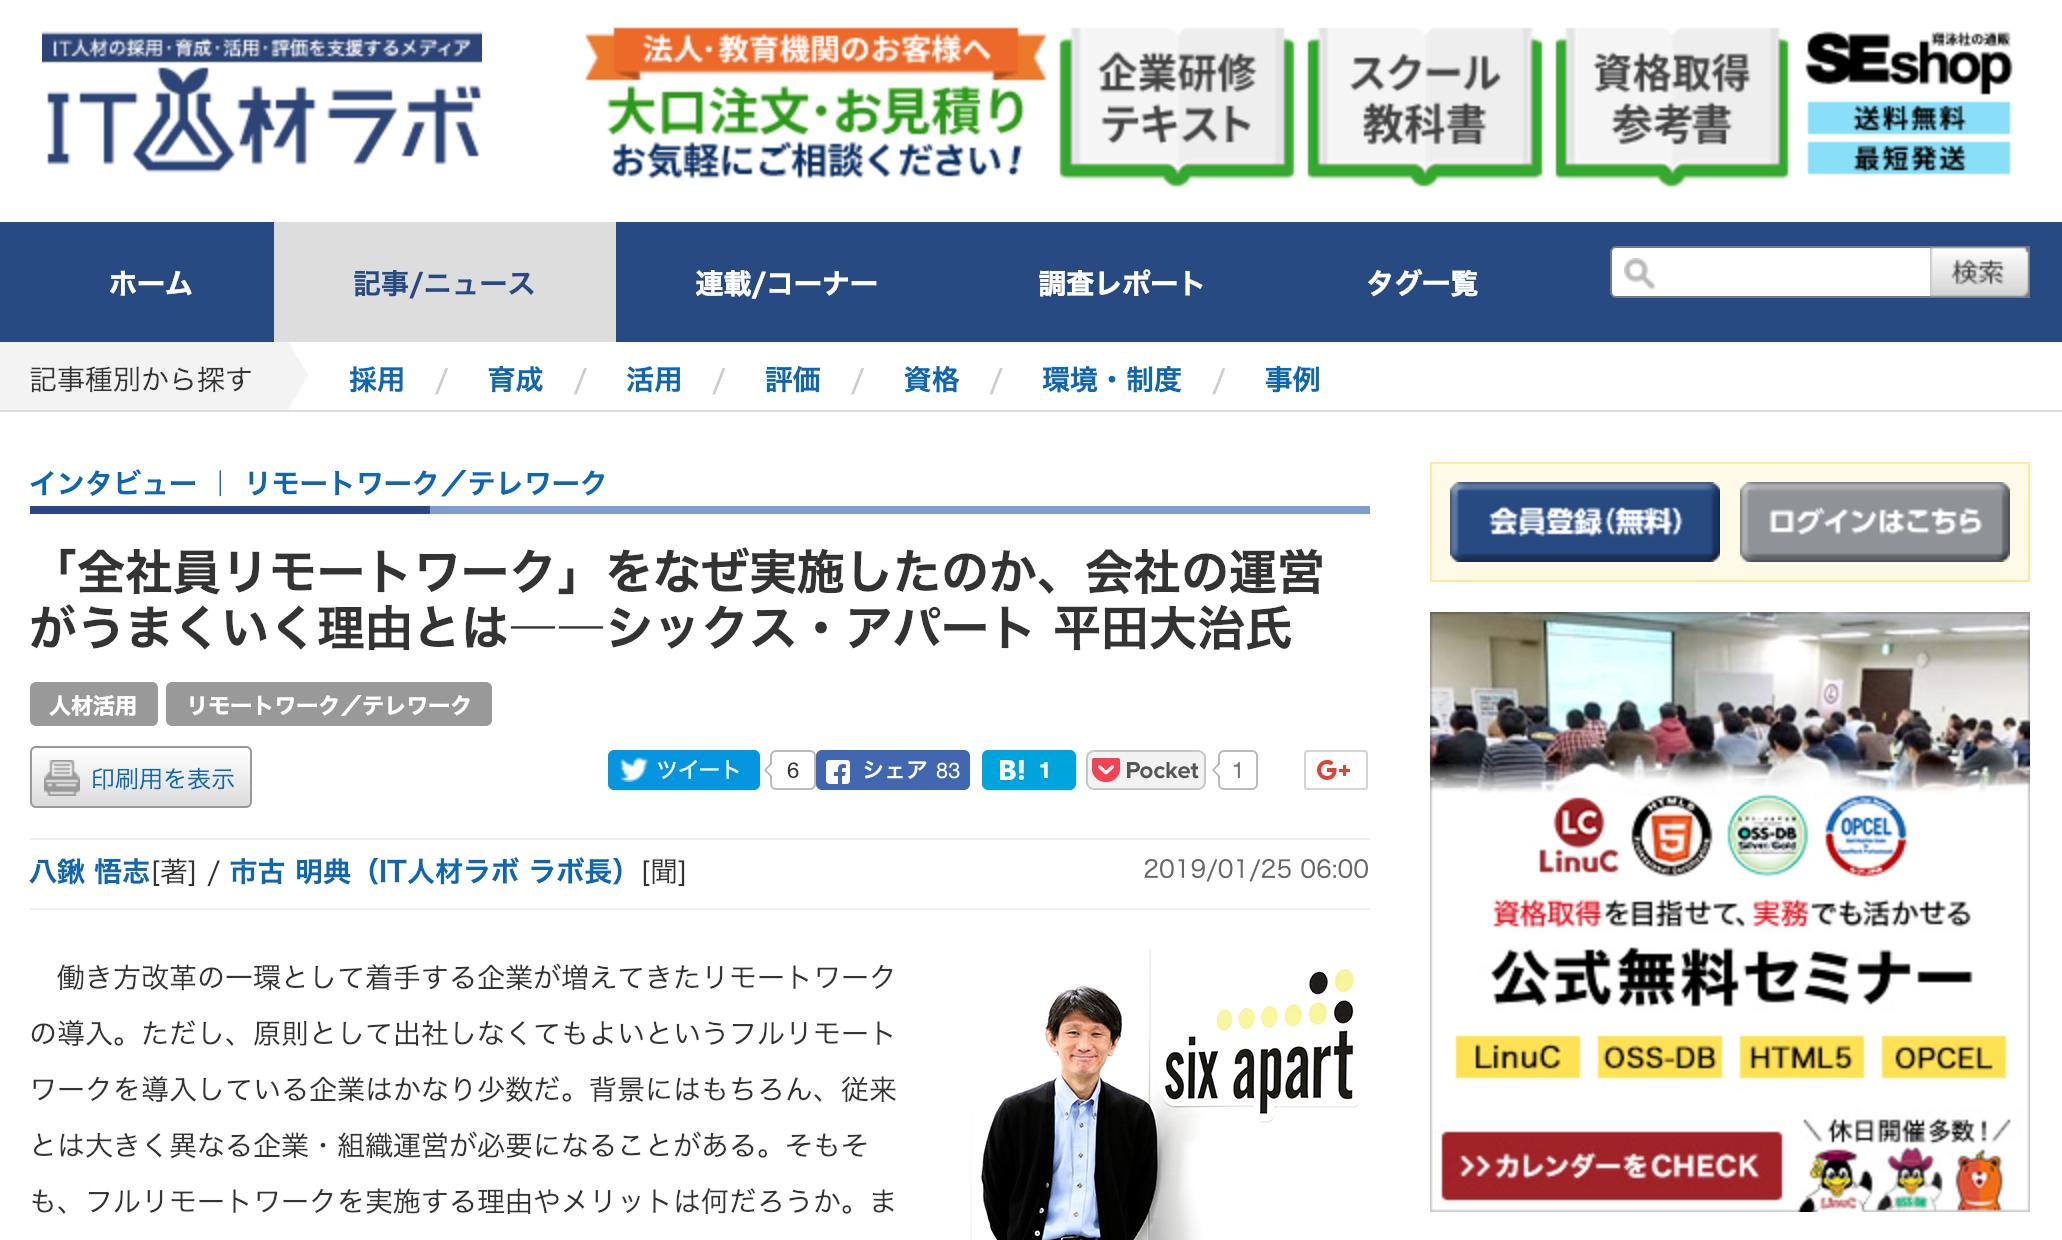 「全社員リモートワーク」をなぜ実施したのか、会社の運営がうまくいく理由とは――シックス・アパート 平田大治氏